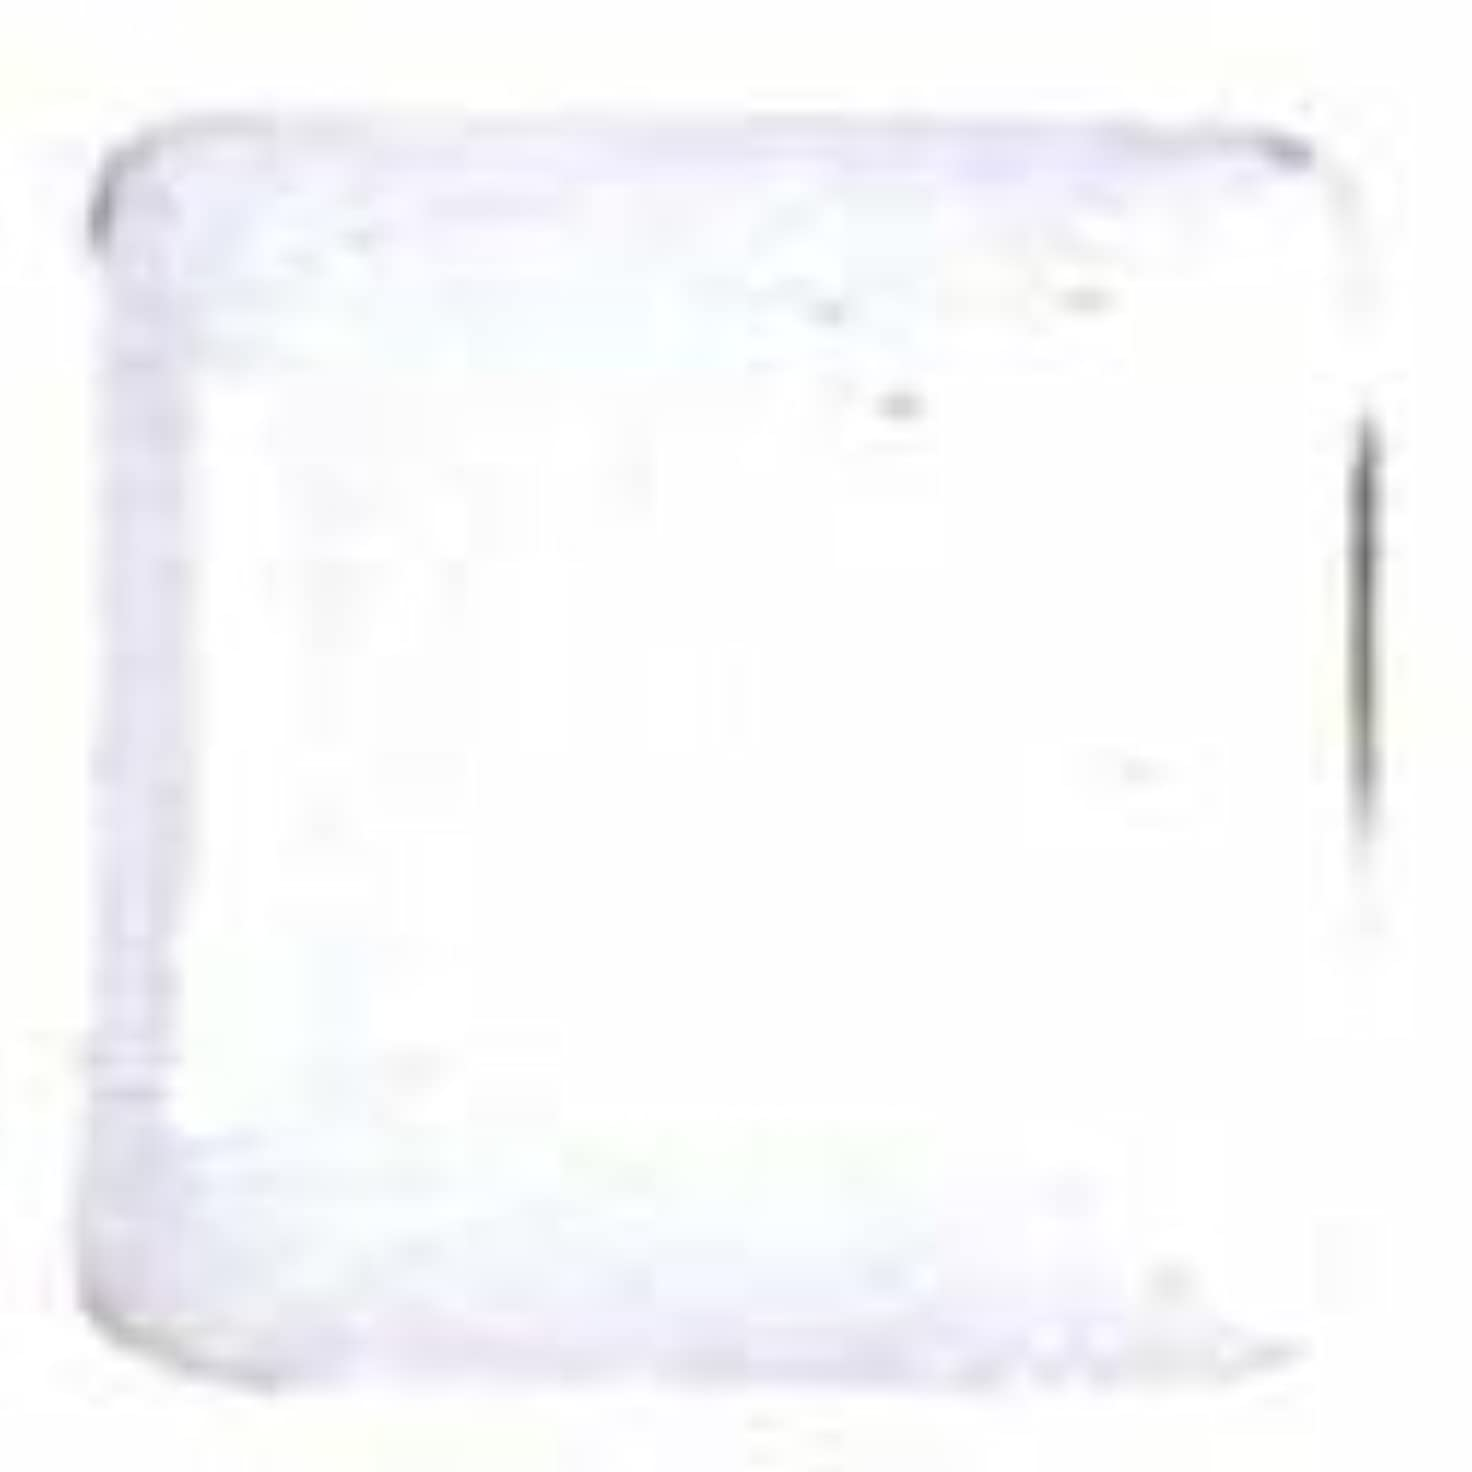 宣教師放送雨の七宝釉薬 50g B100 書割白 不透明